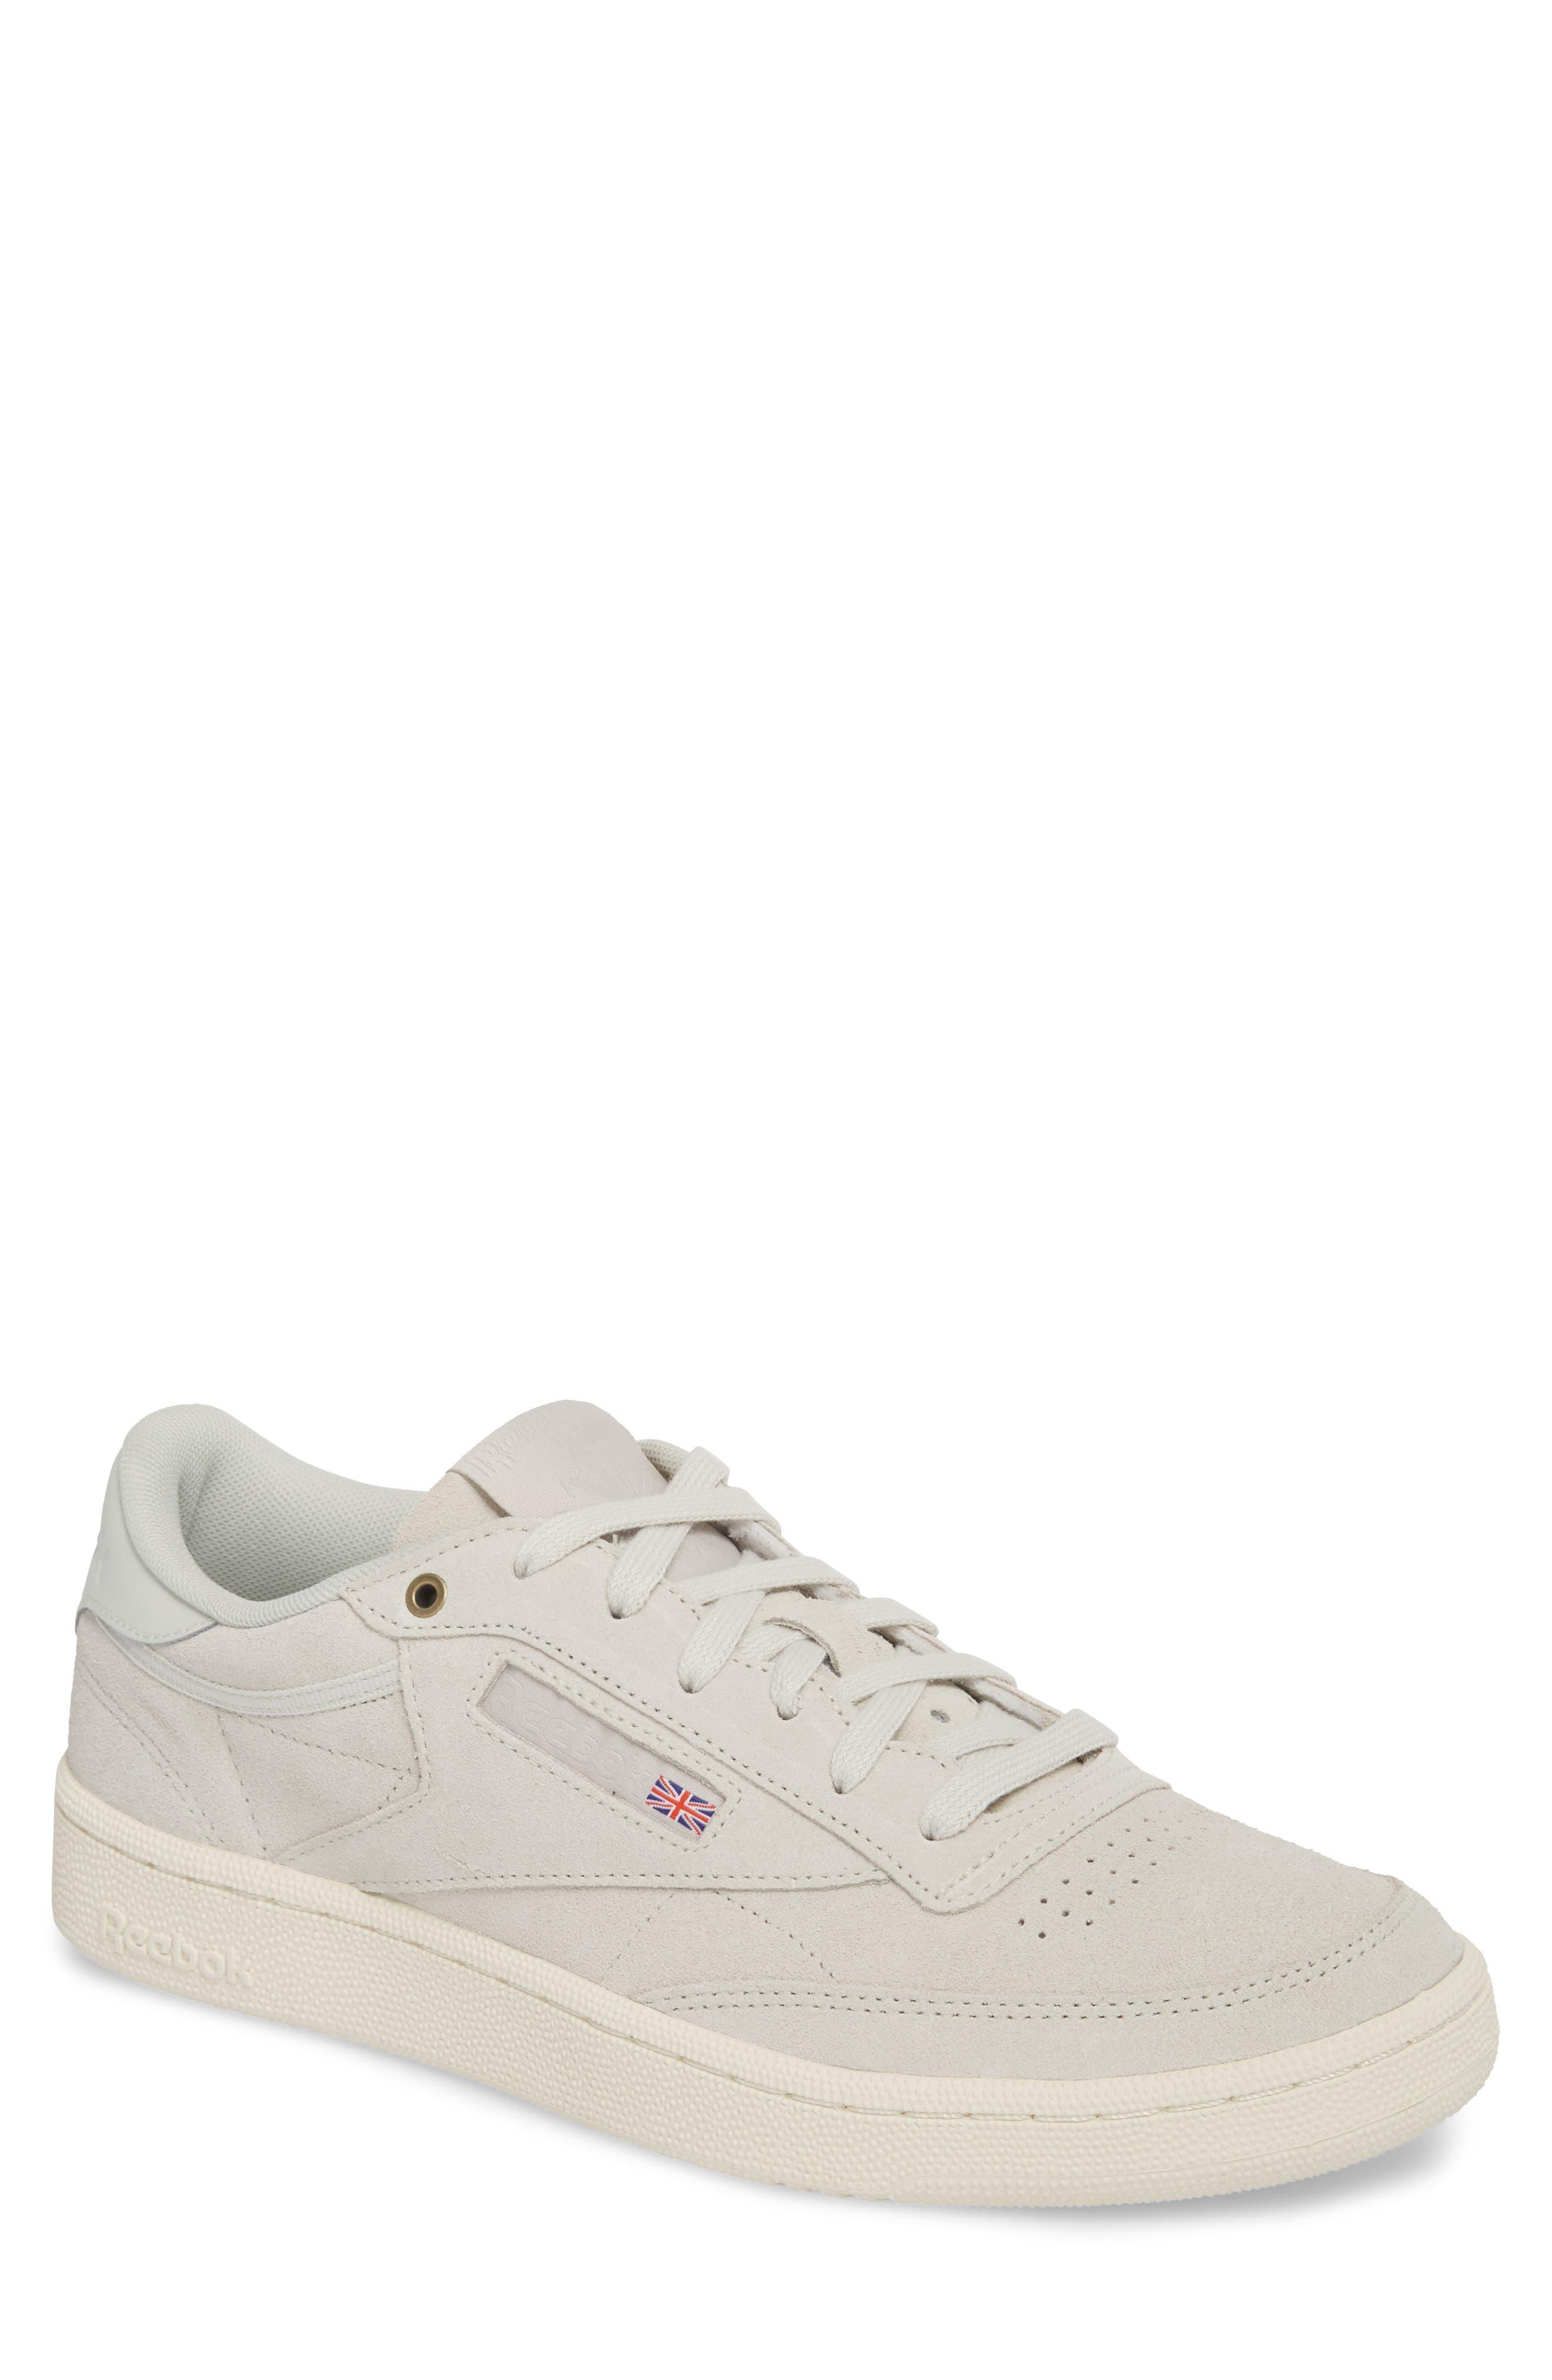 Club C 85 MCC Sneaker,                         Main,                         color, 020